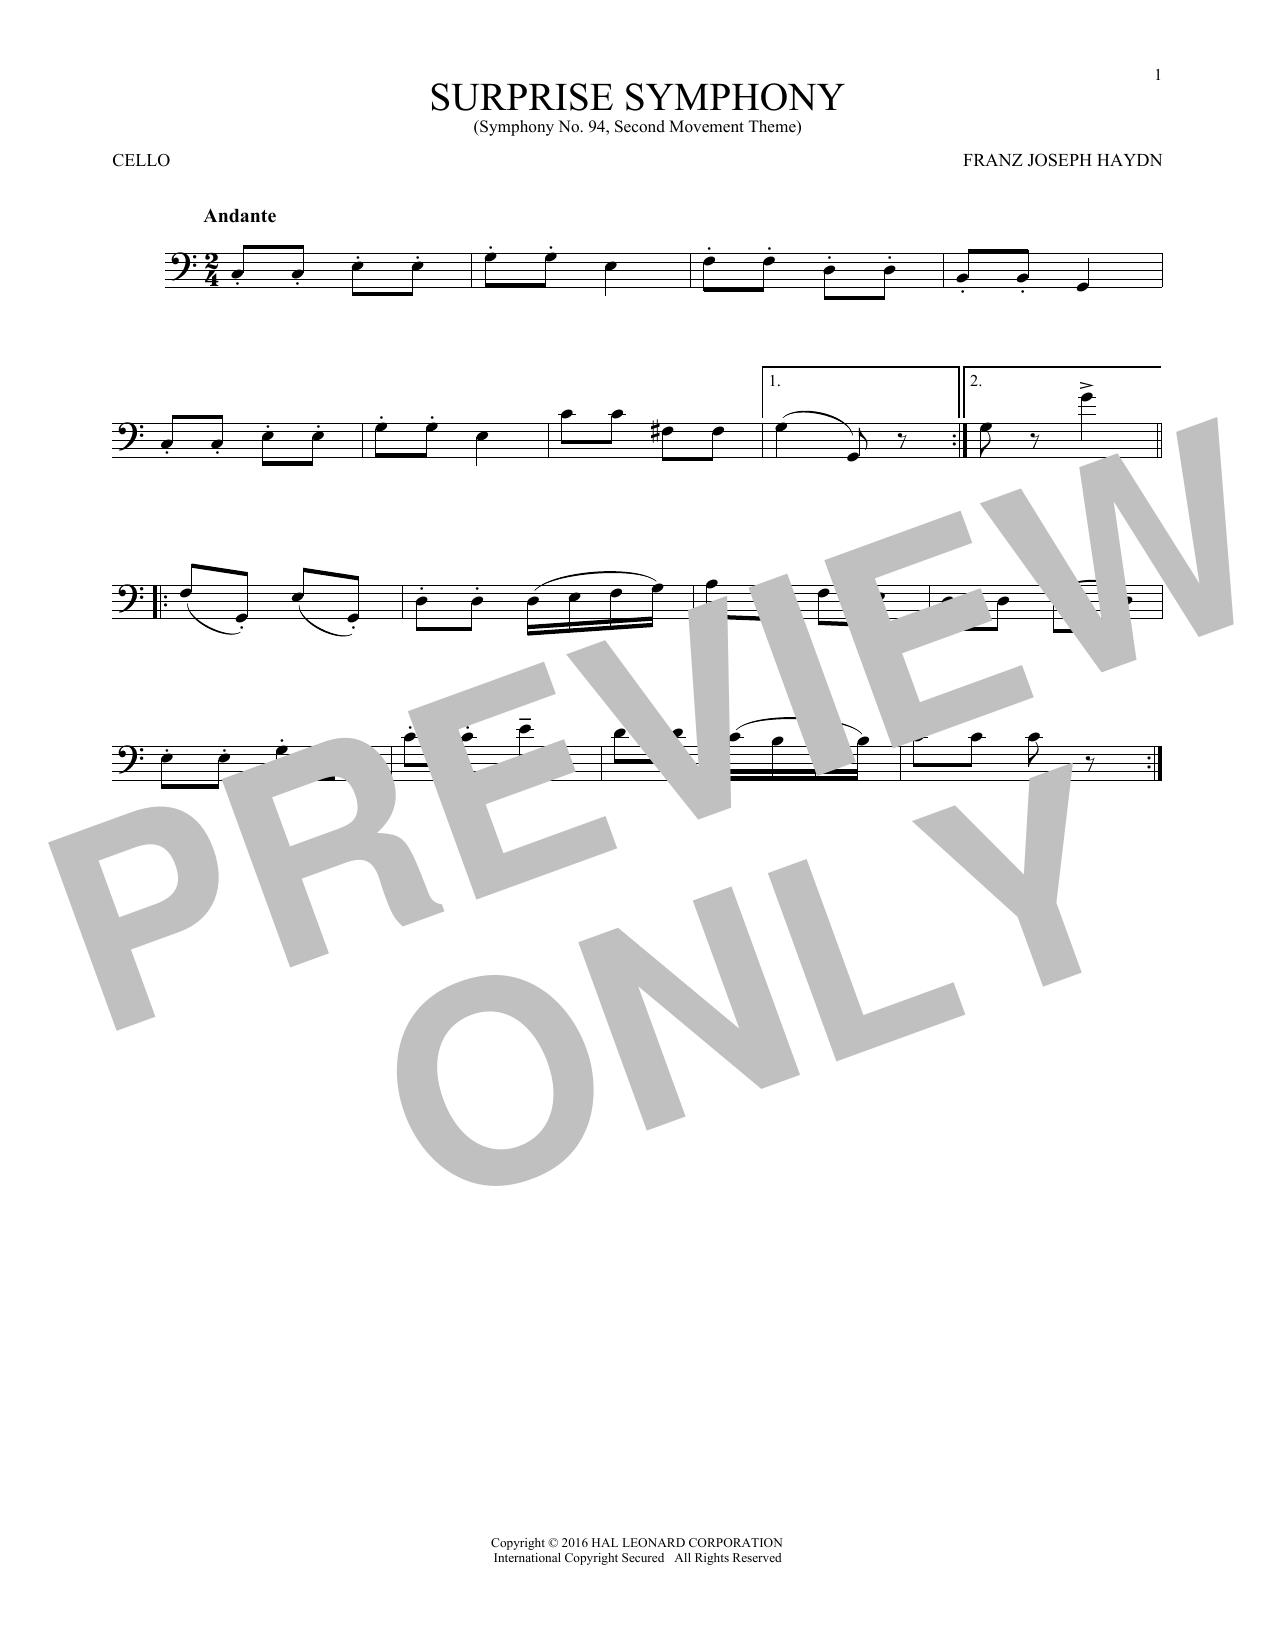 The Surprise Symphony (Cello Solo)